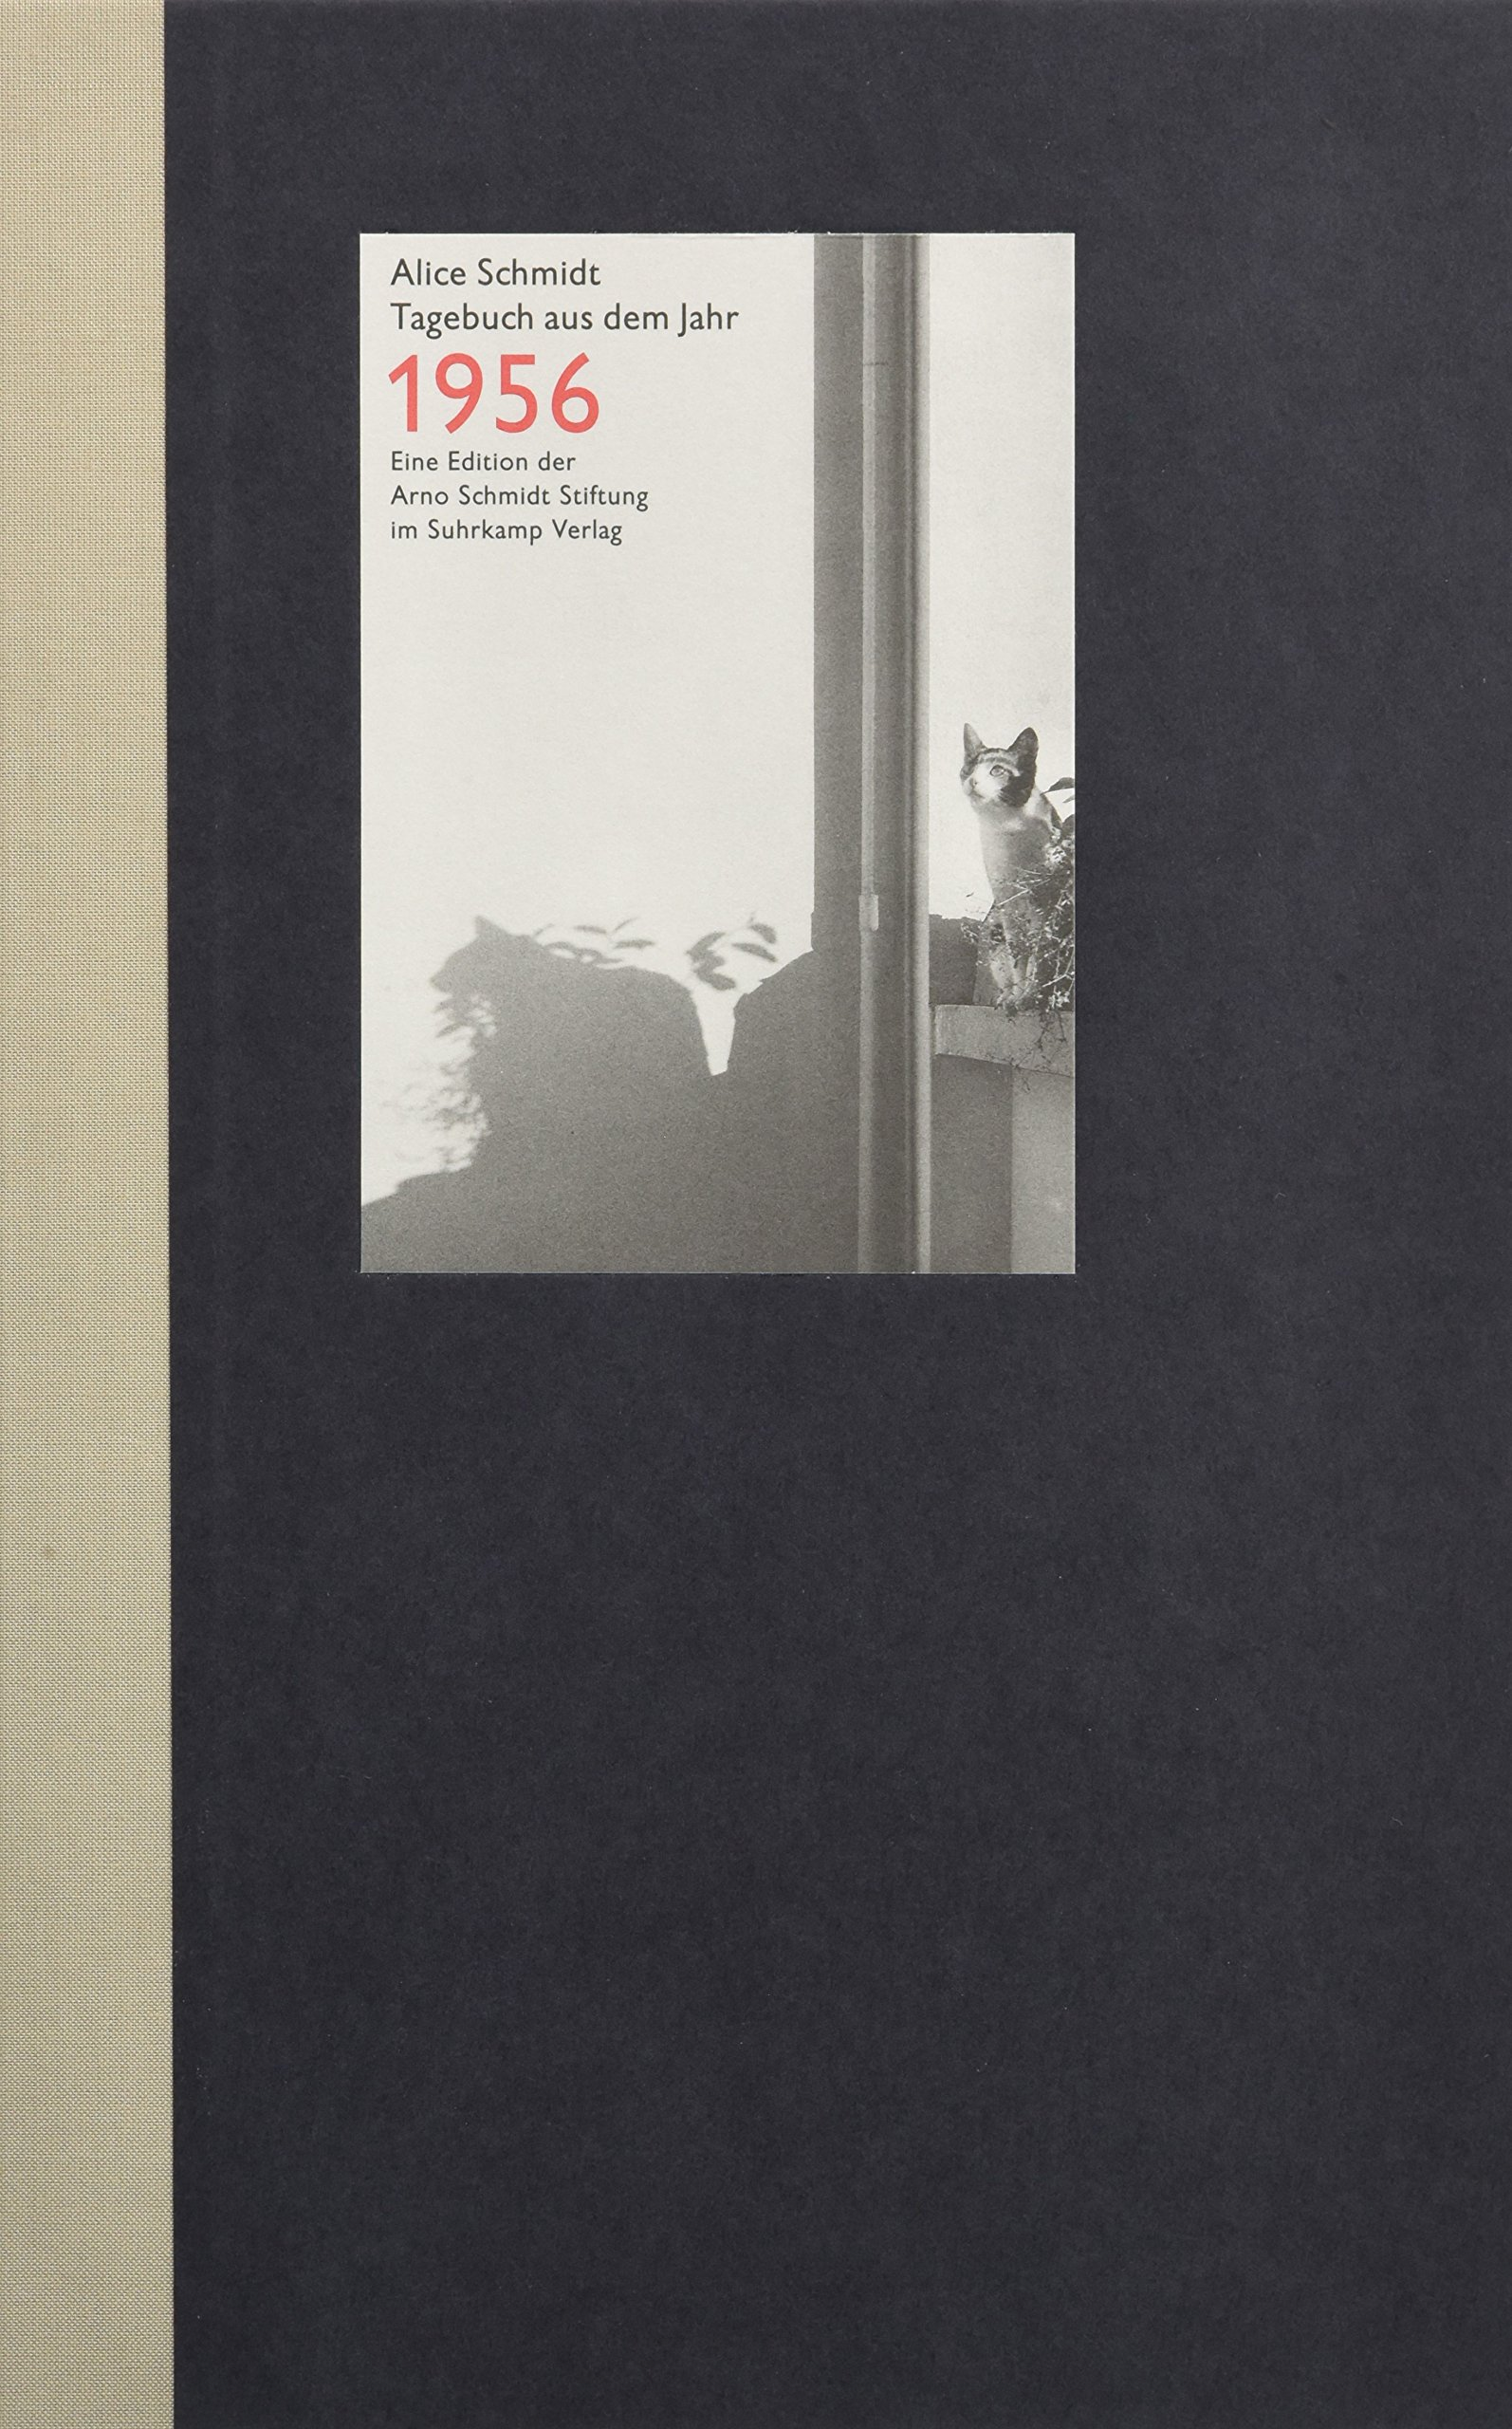 Tagebuch aus dem Jahr 1956